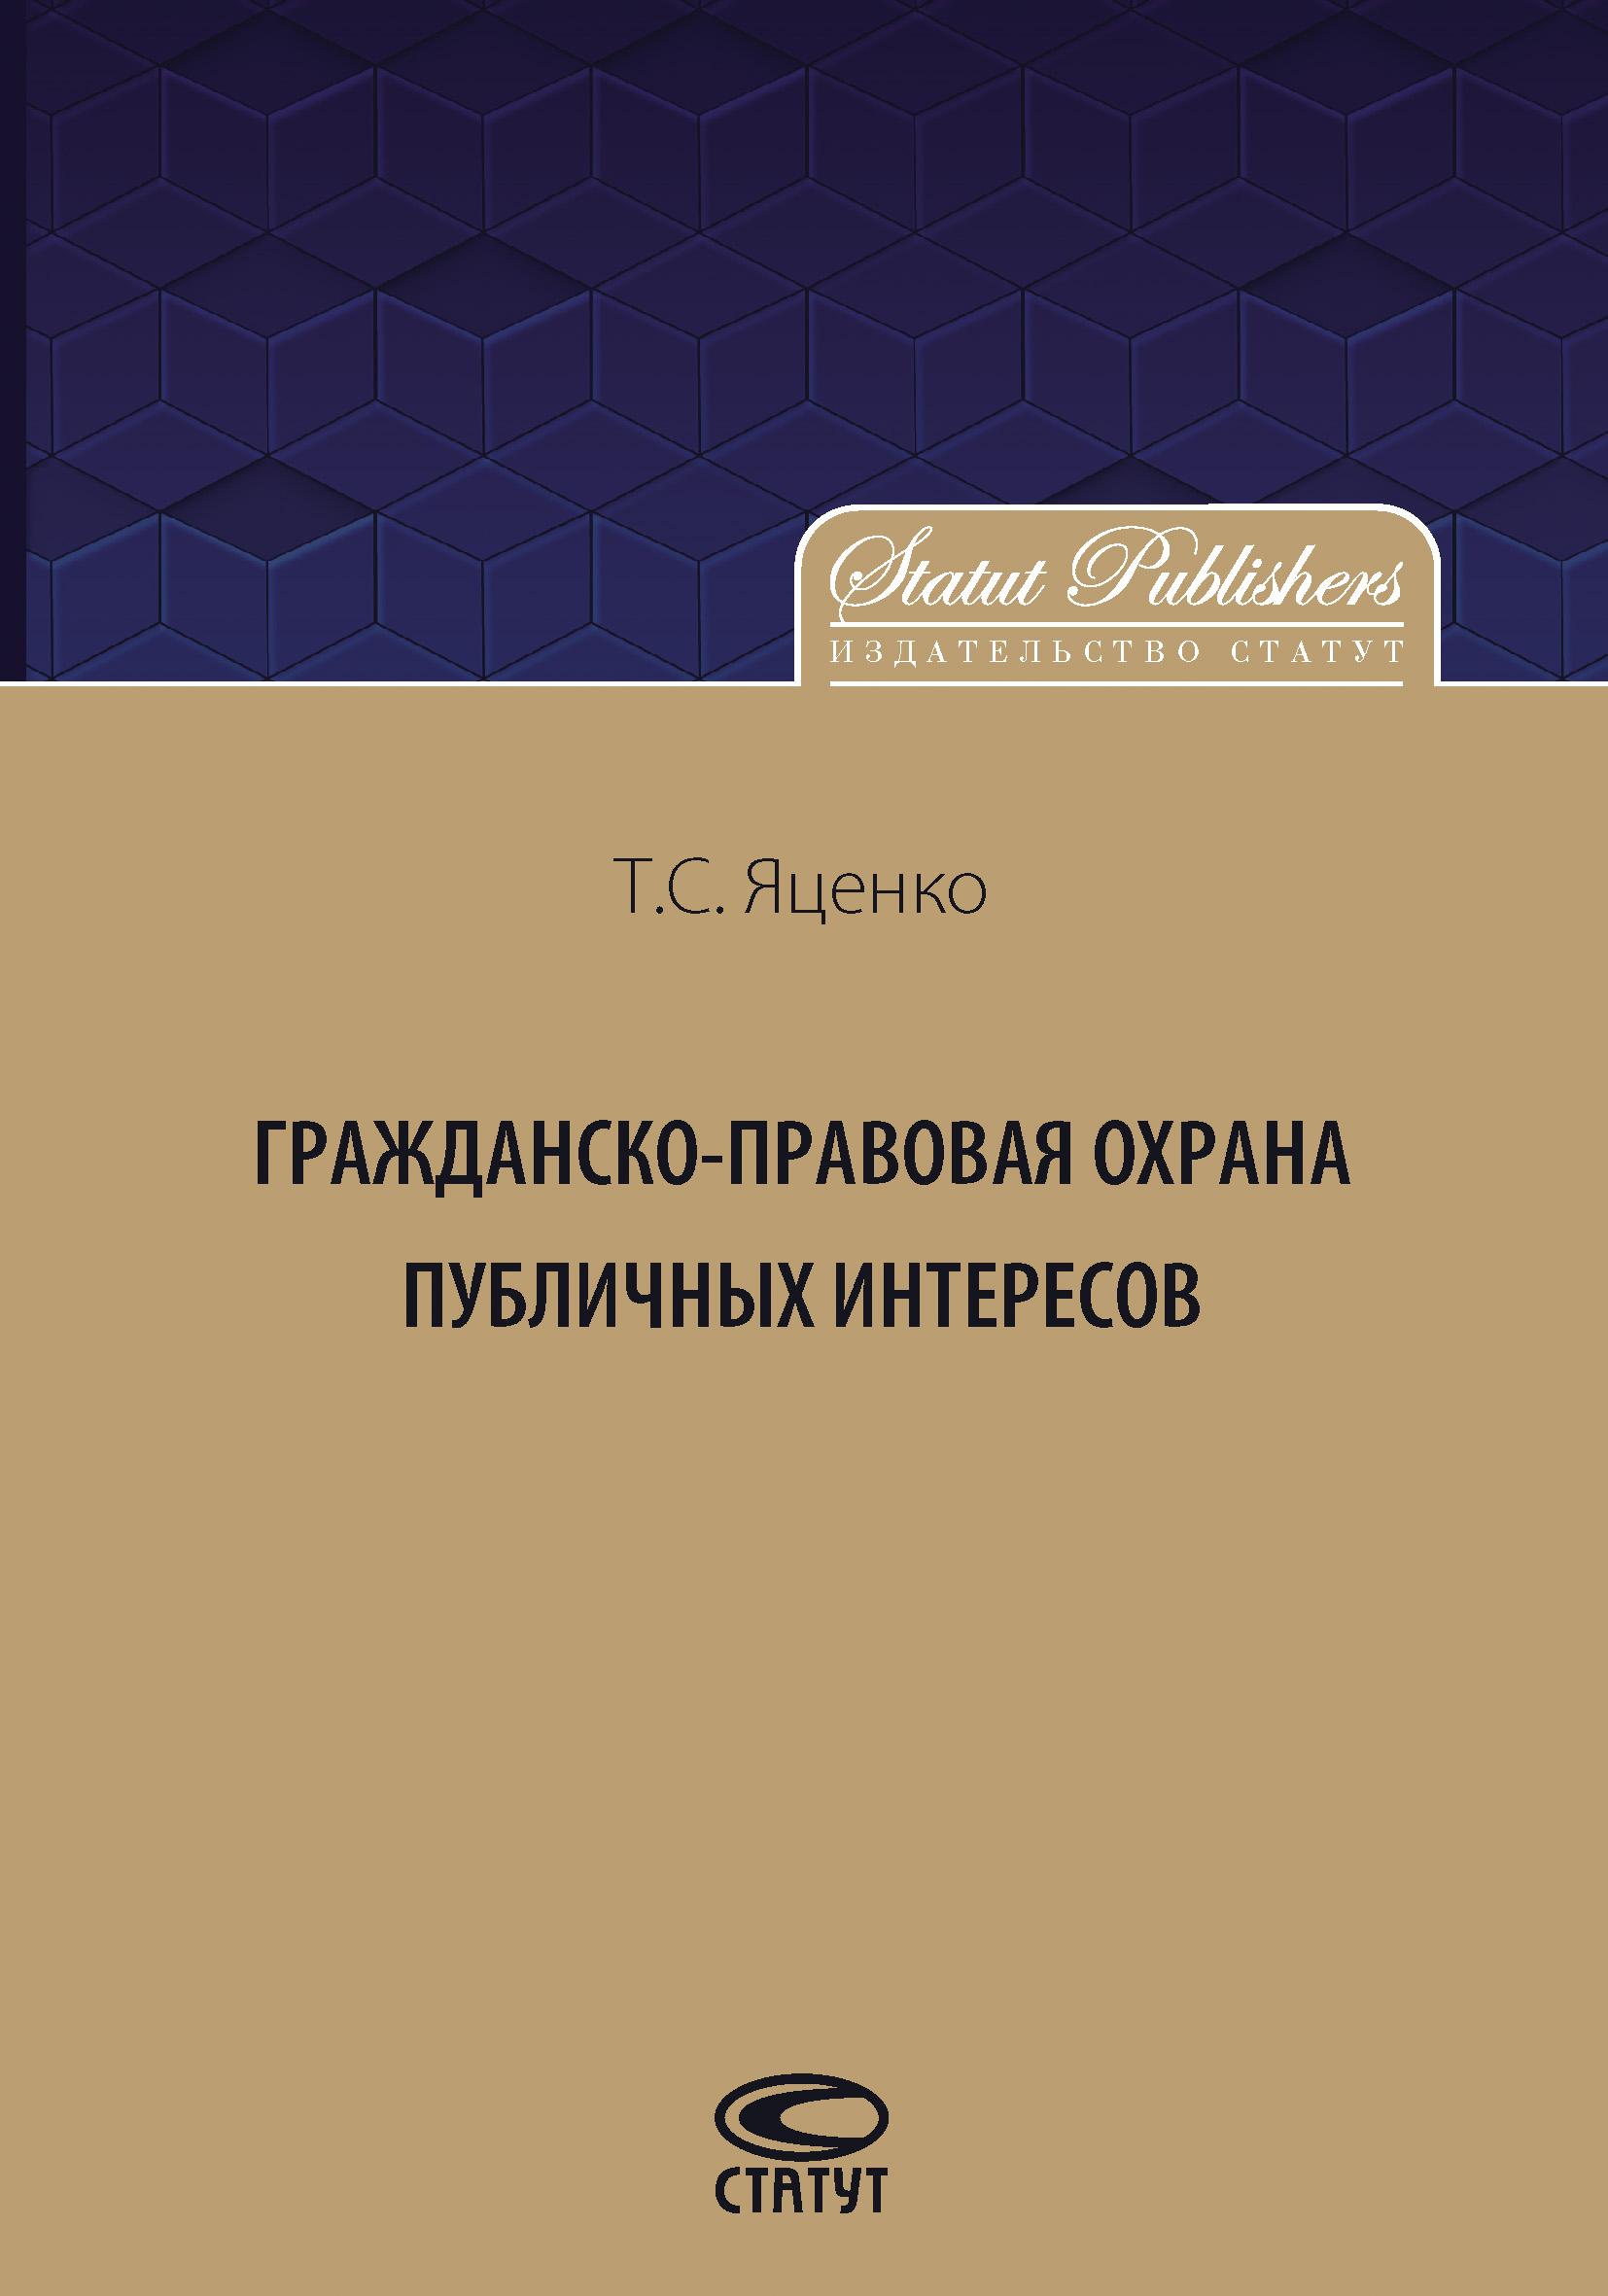 Татьяна Яценко Гражданско-правовая защита публичных интересов цена